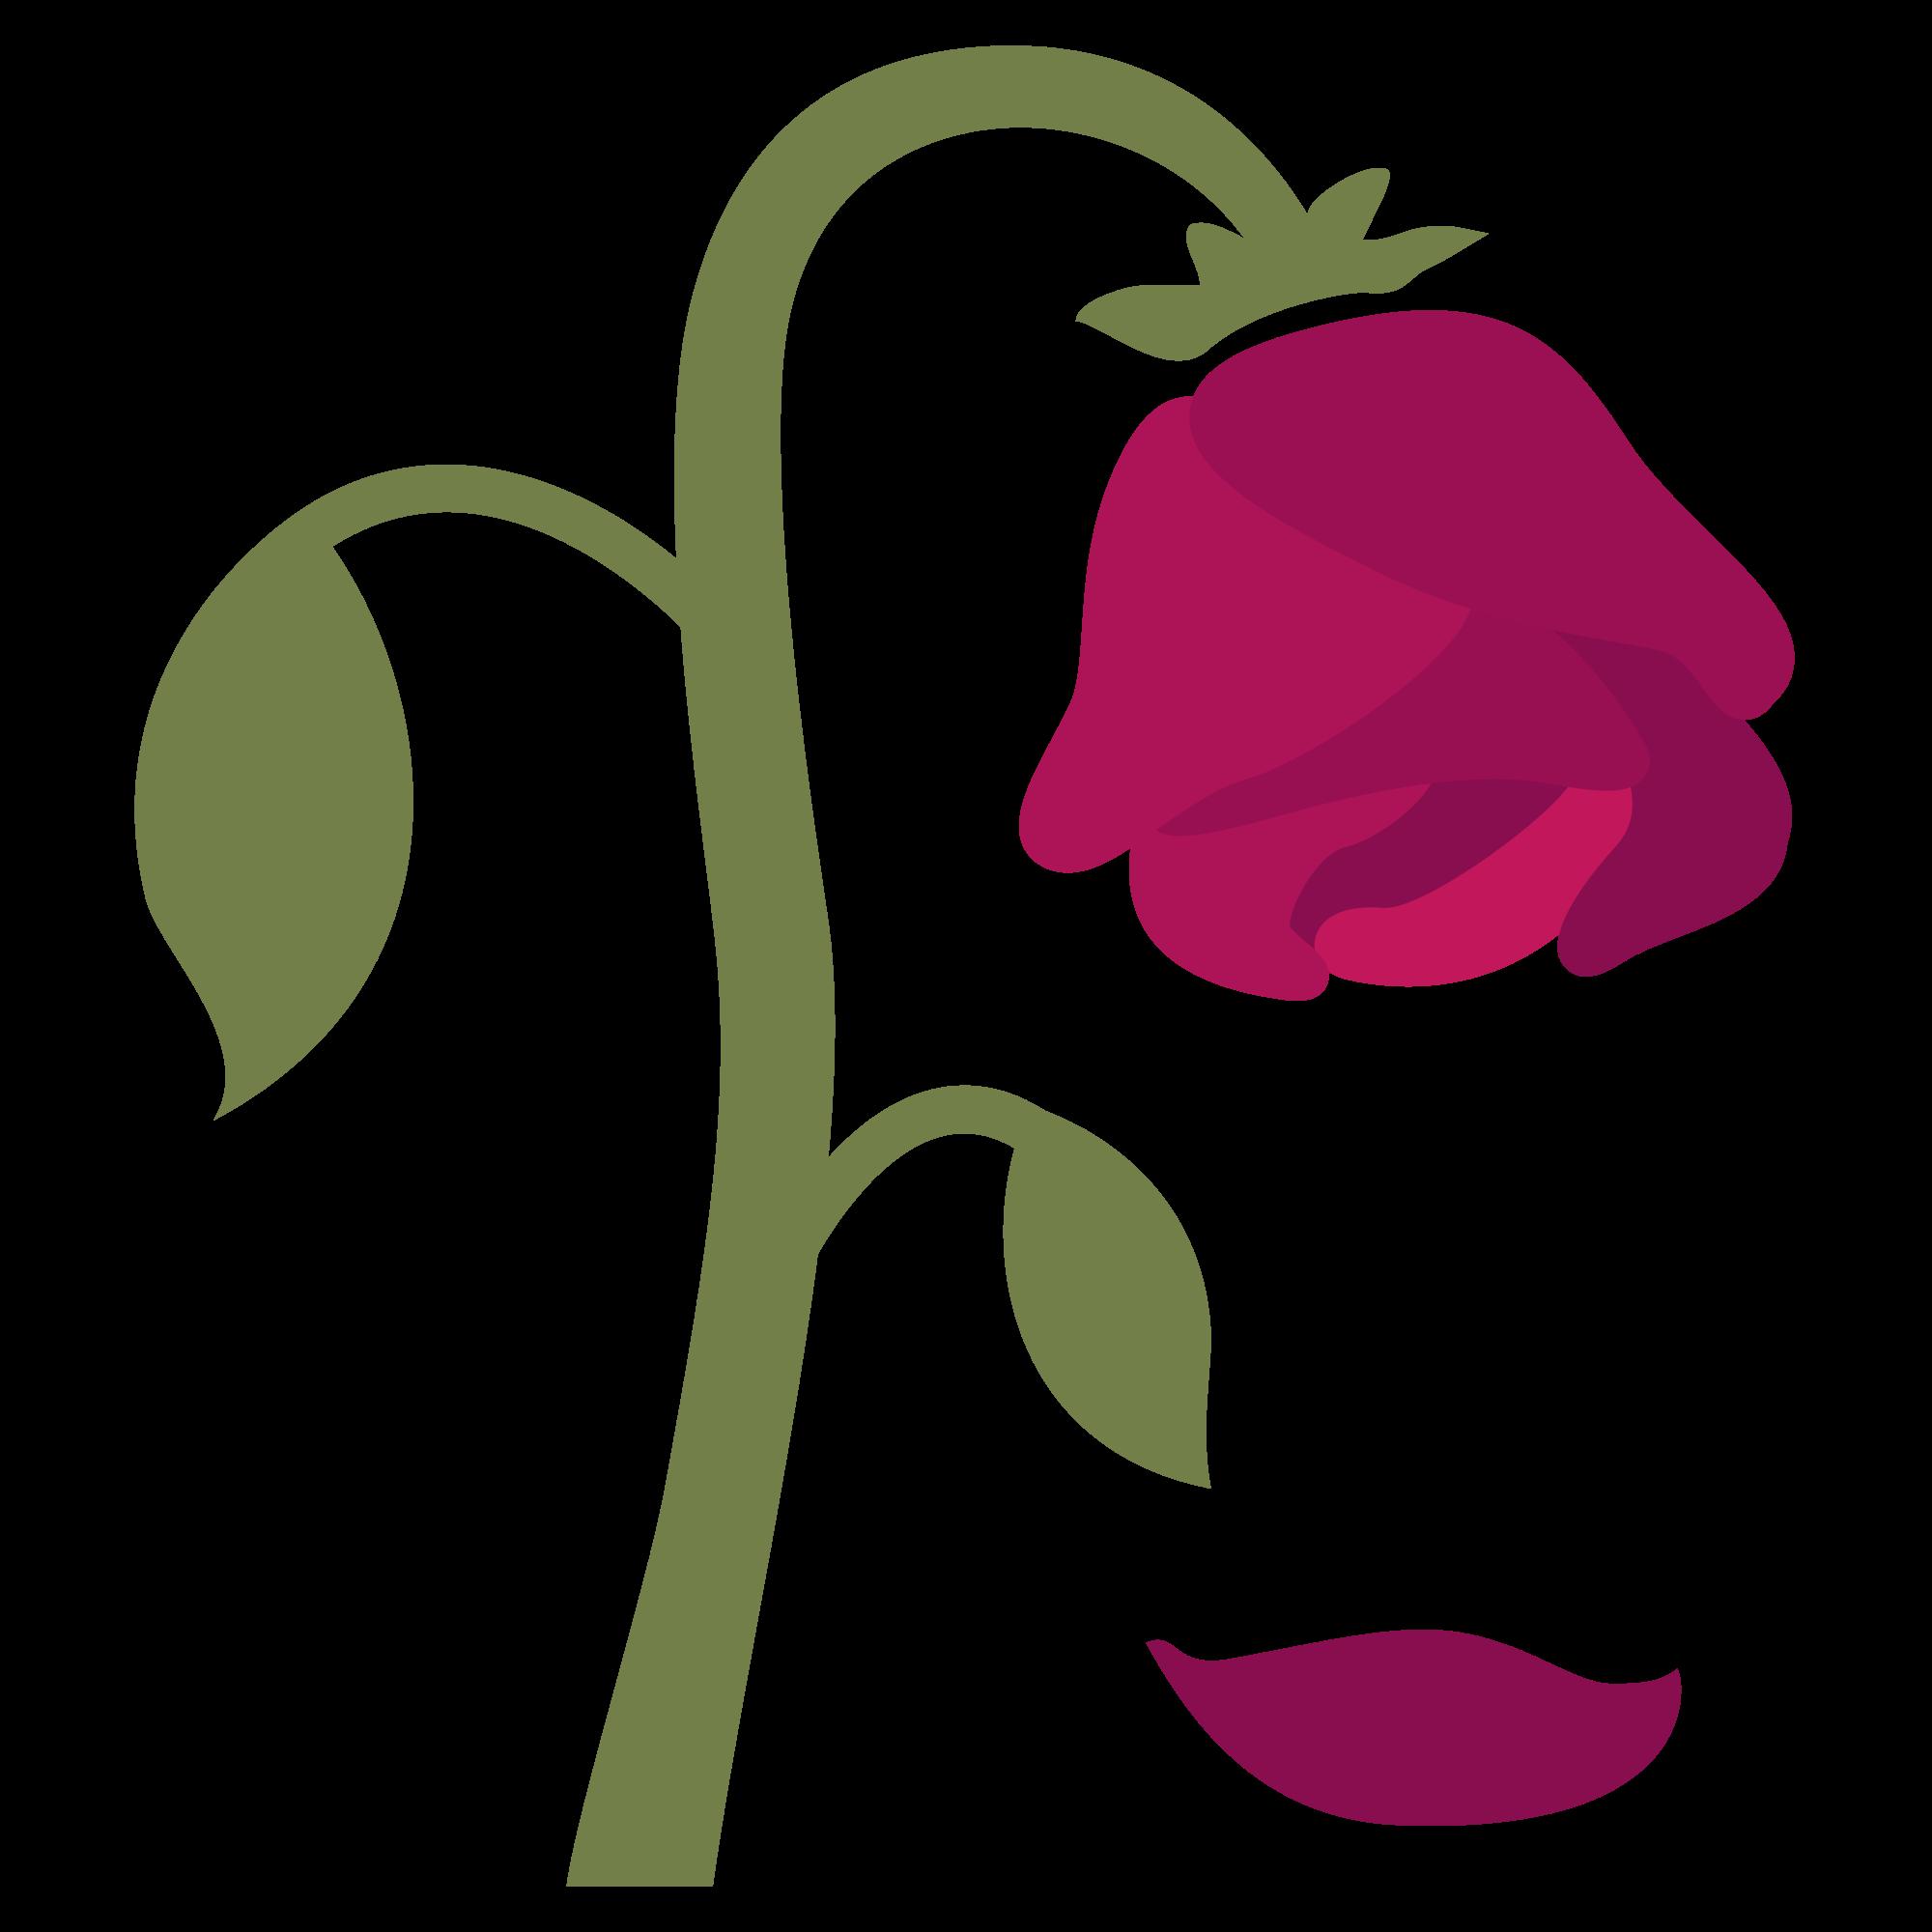 Emoji flower png. File u f svg